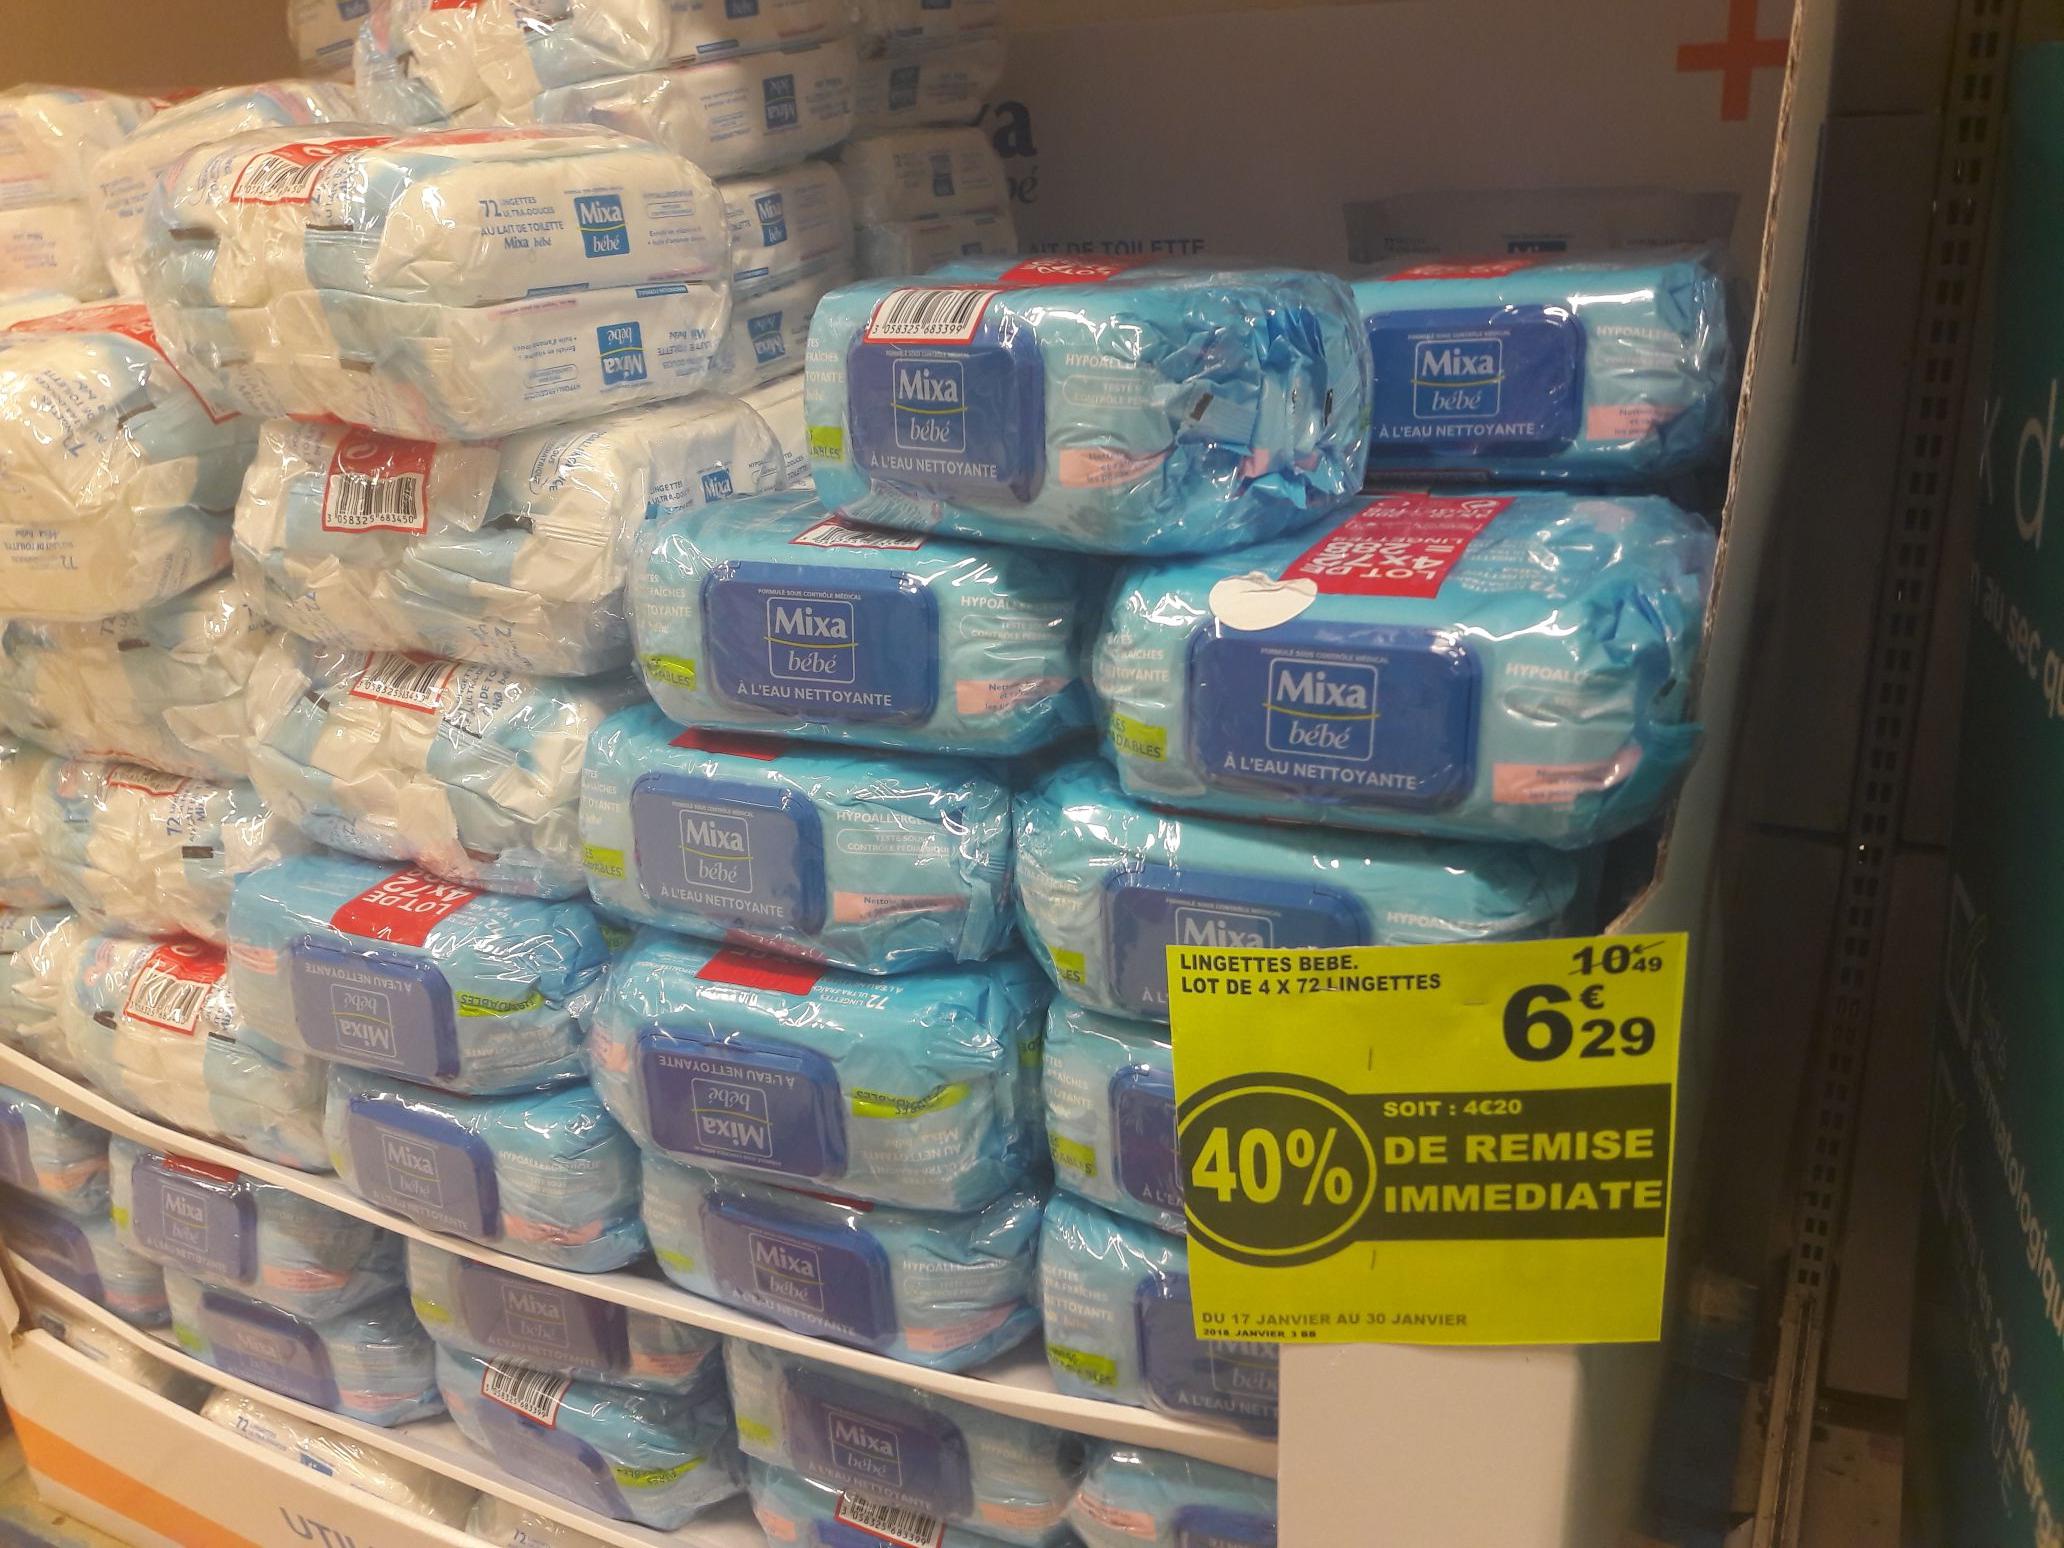 Lot de 4 paquets de 72 lingettes pour bébé Mixa Bébé - à l'eau nettoyante au Auchan Cesson (77)